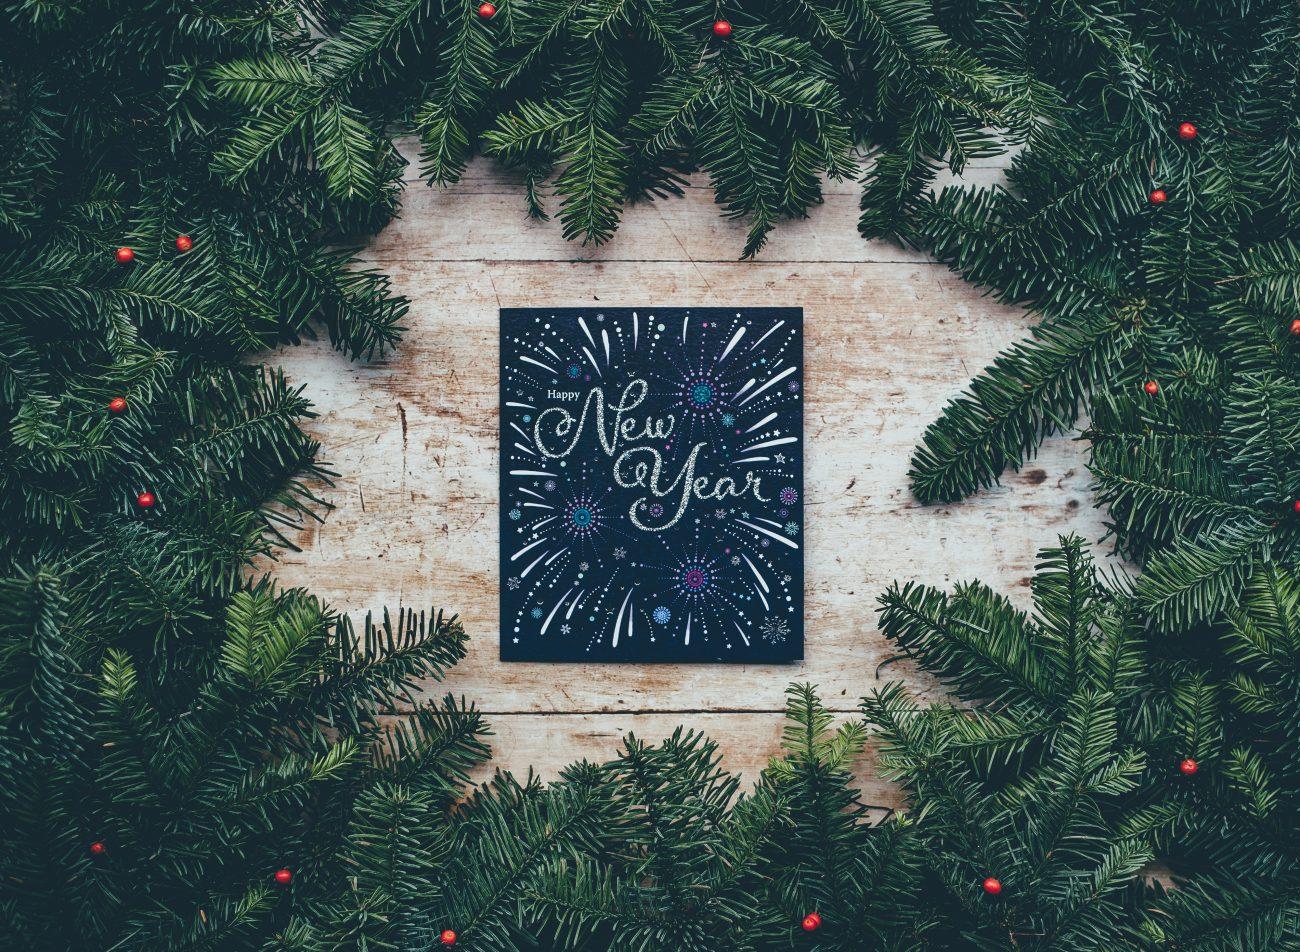 La Alternativa A Los Propósitos De Año Nuevo